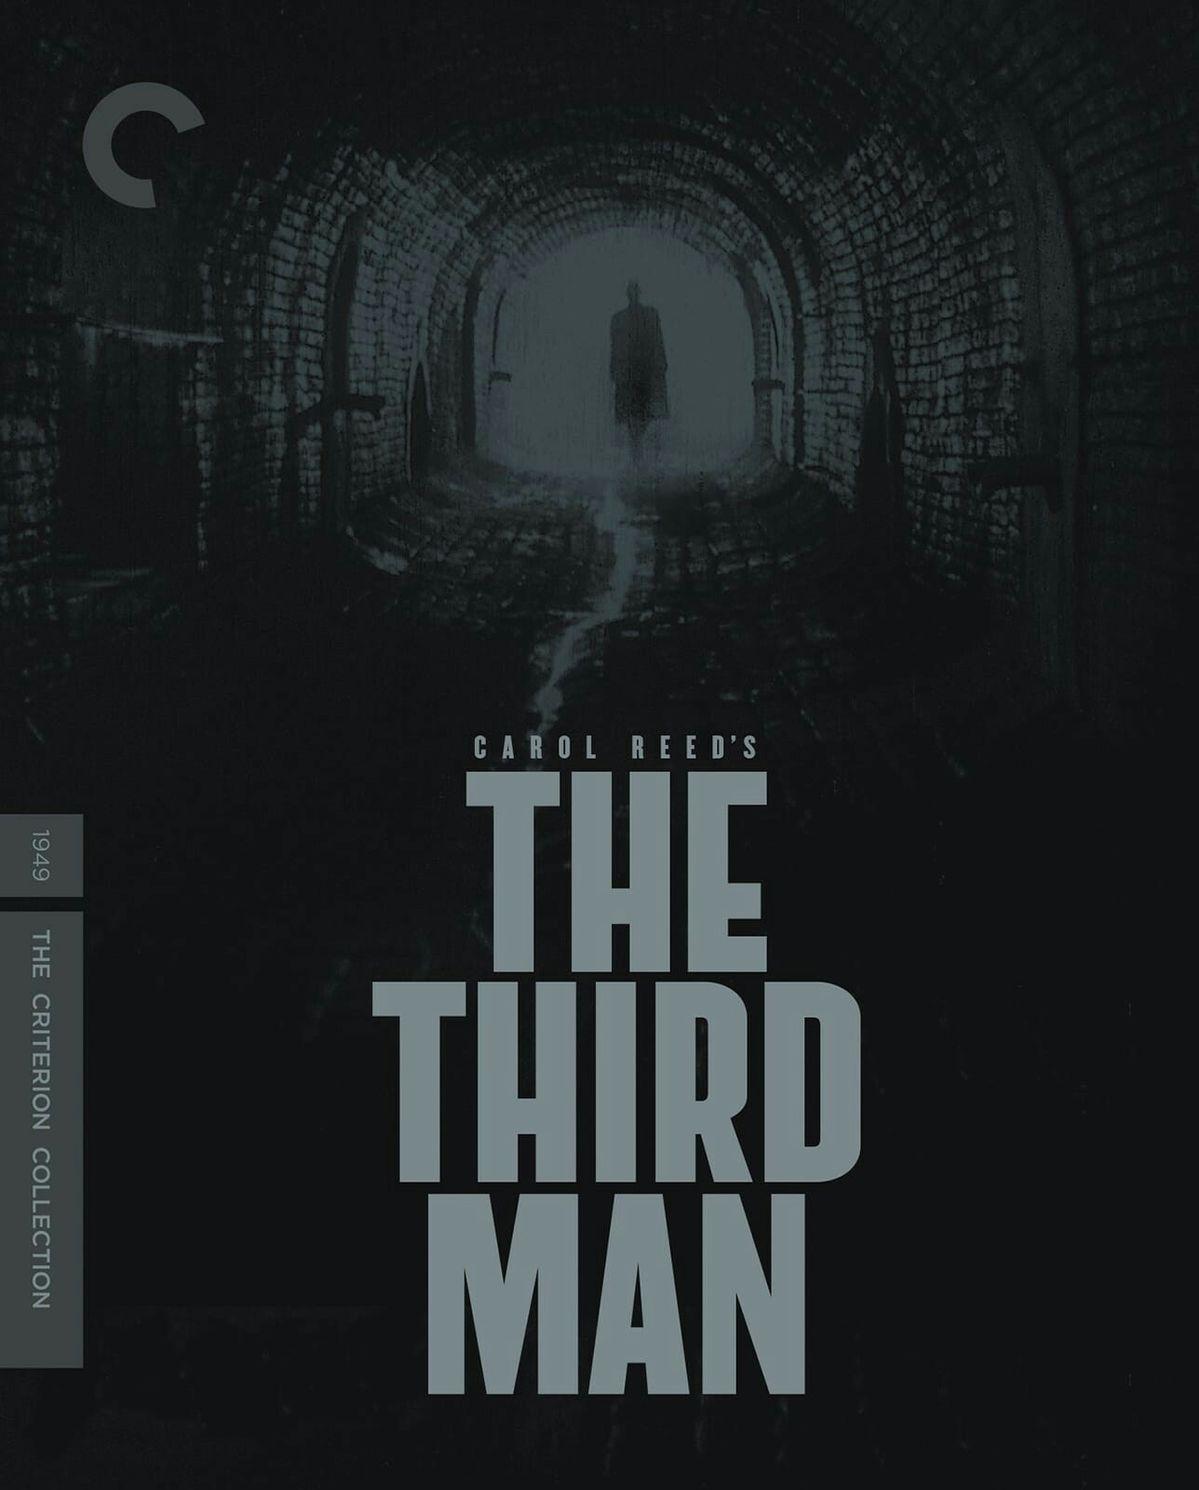 The Third Man, Carol Reed, Man